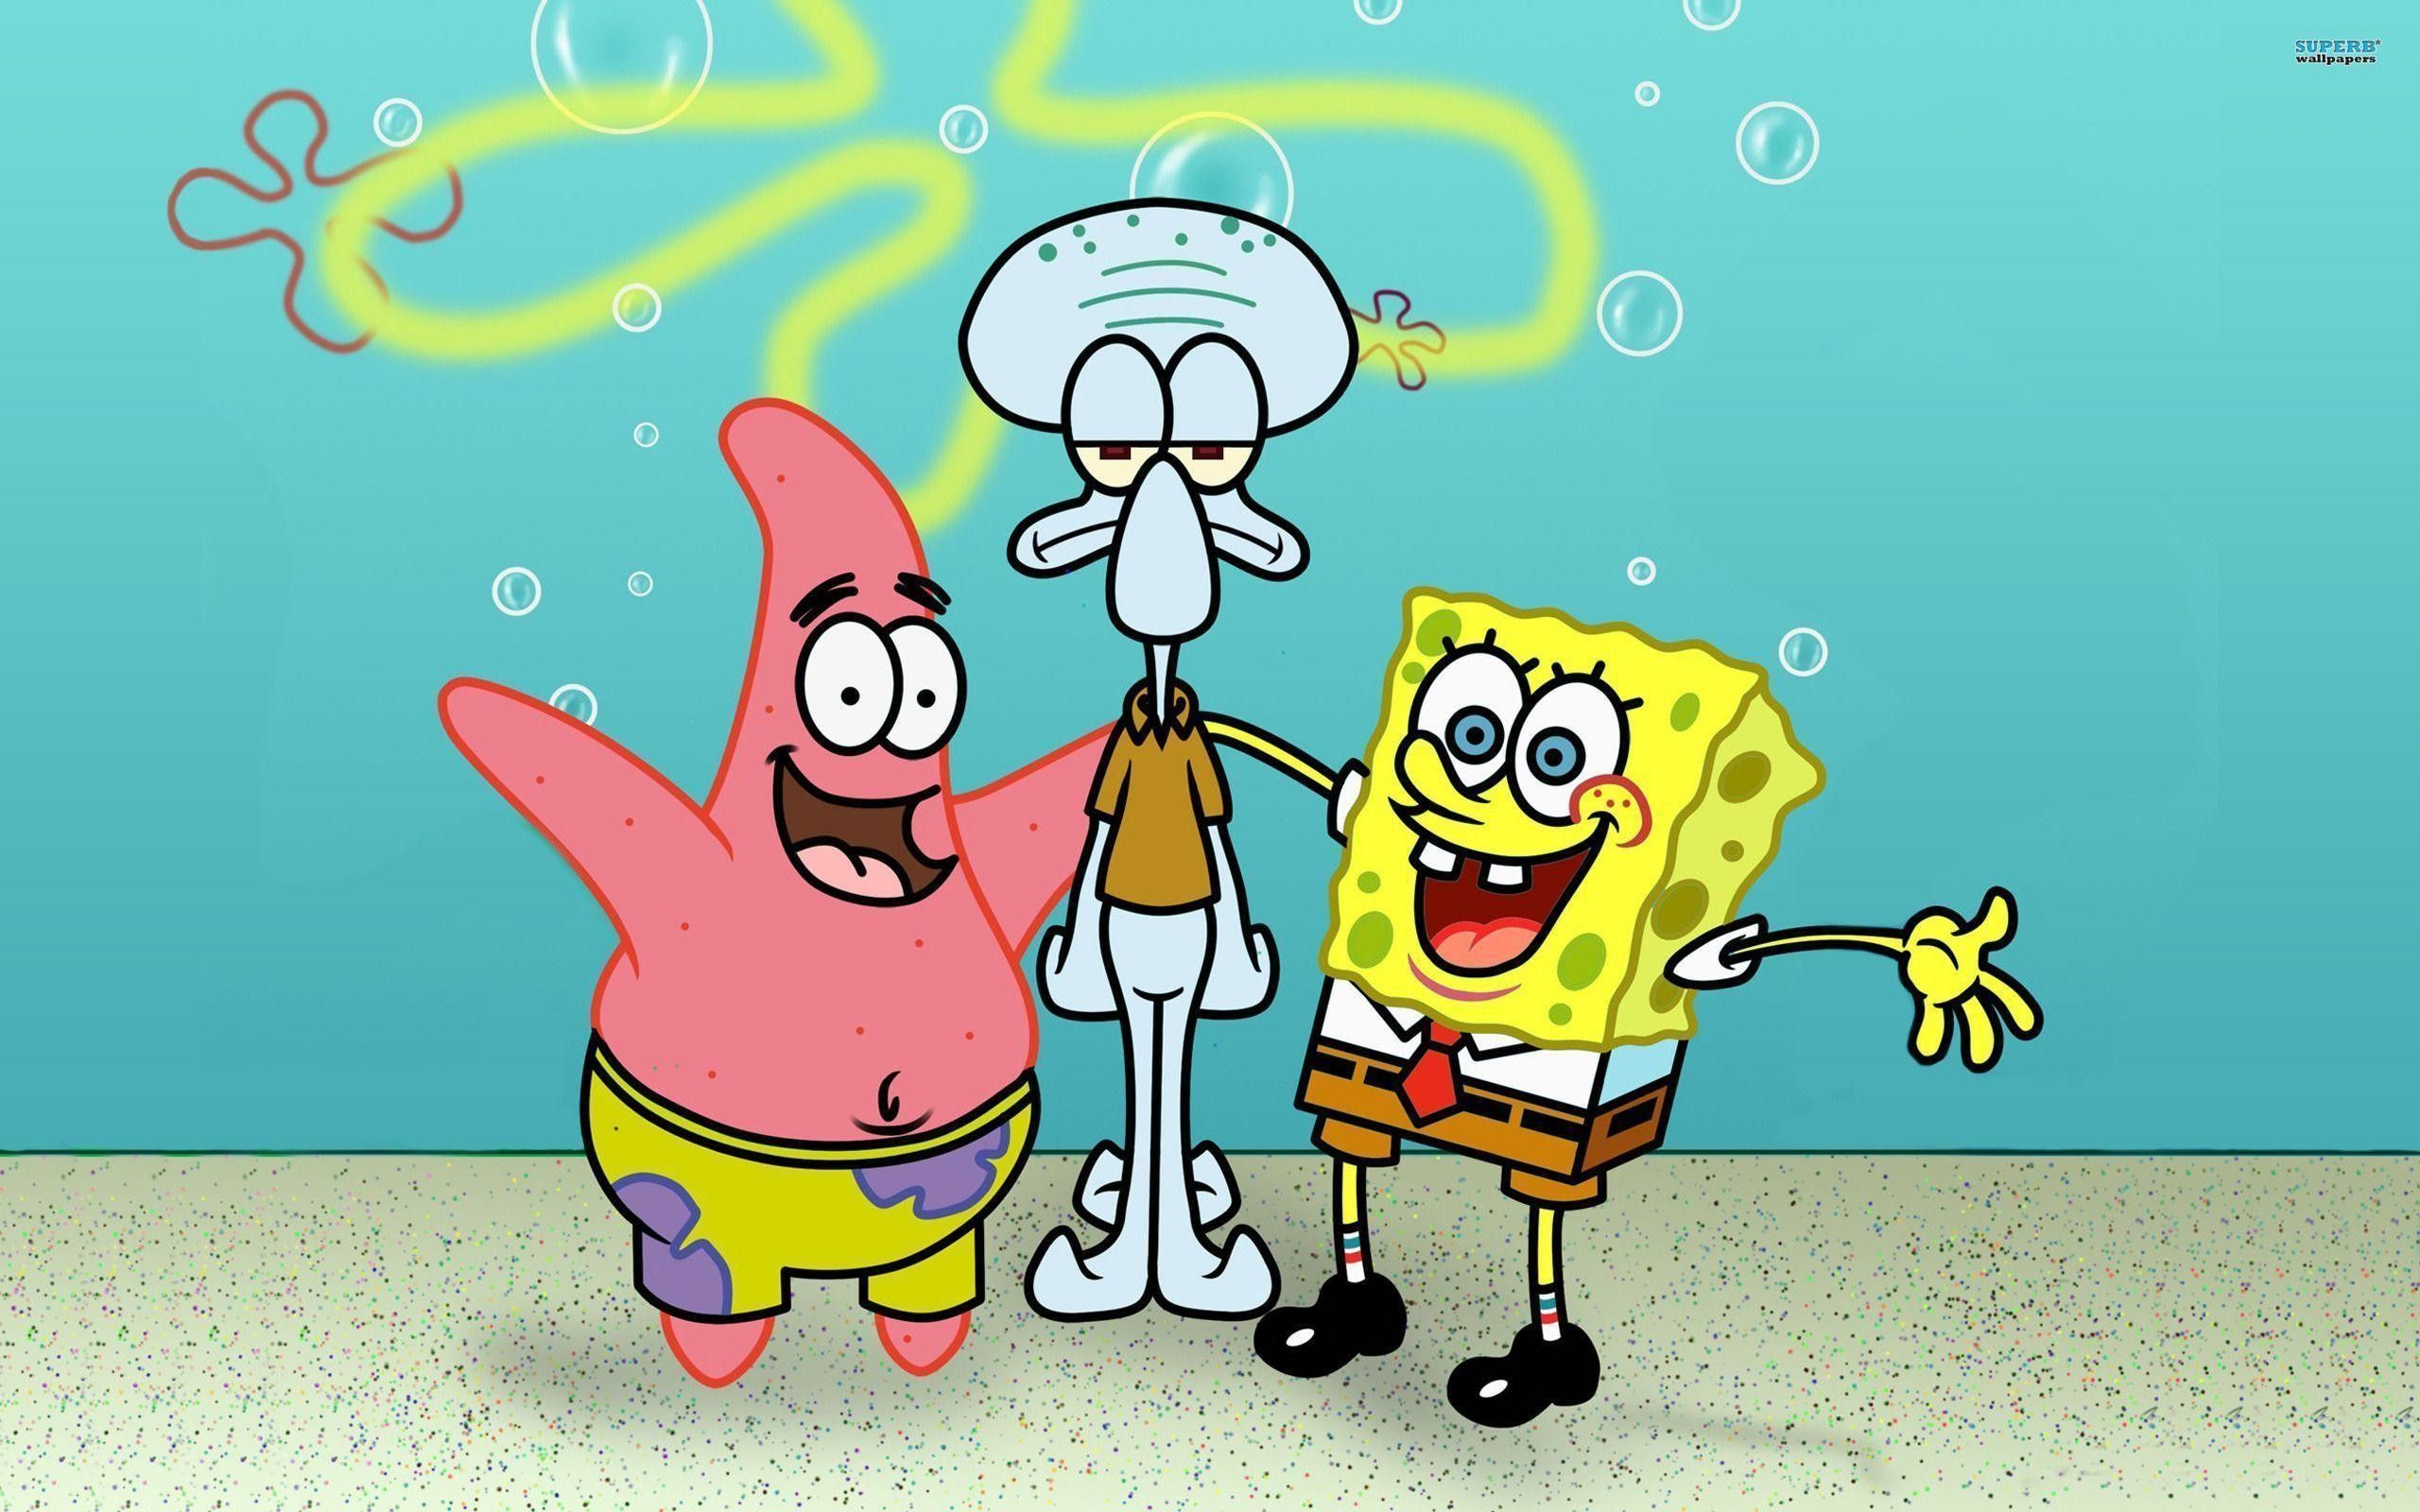 Spongebob Squarepants Wallpapers Top Free Spongebob Squarepants